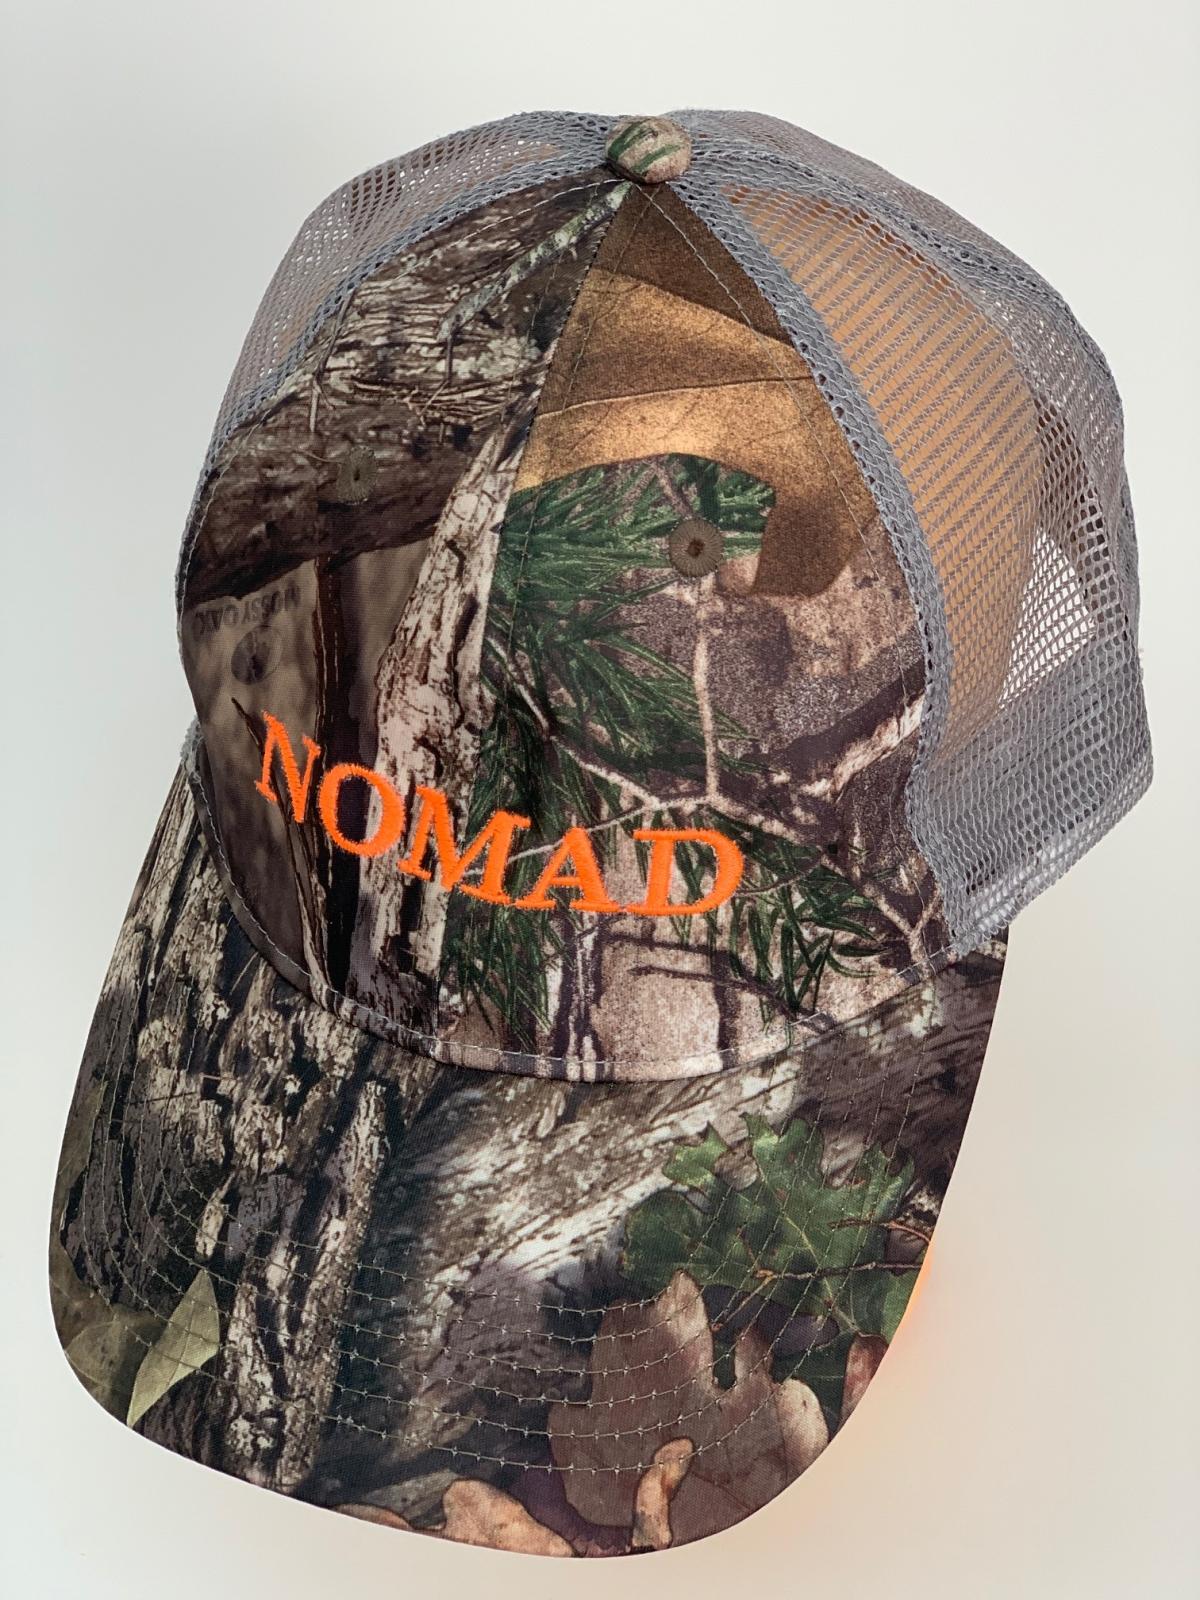 Камуфляжная бейсболка Nomad со светлой сеткой